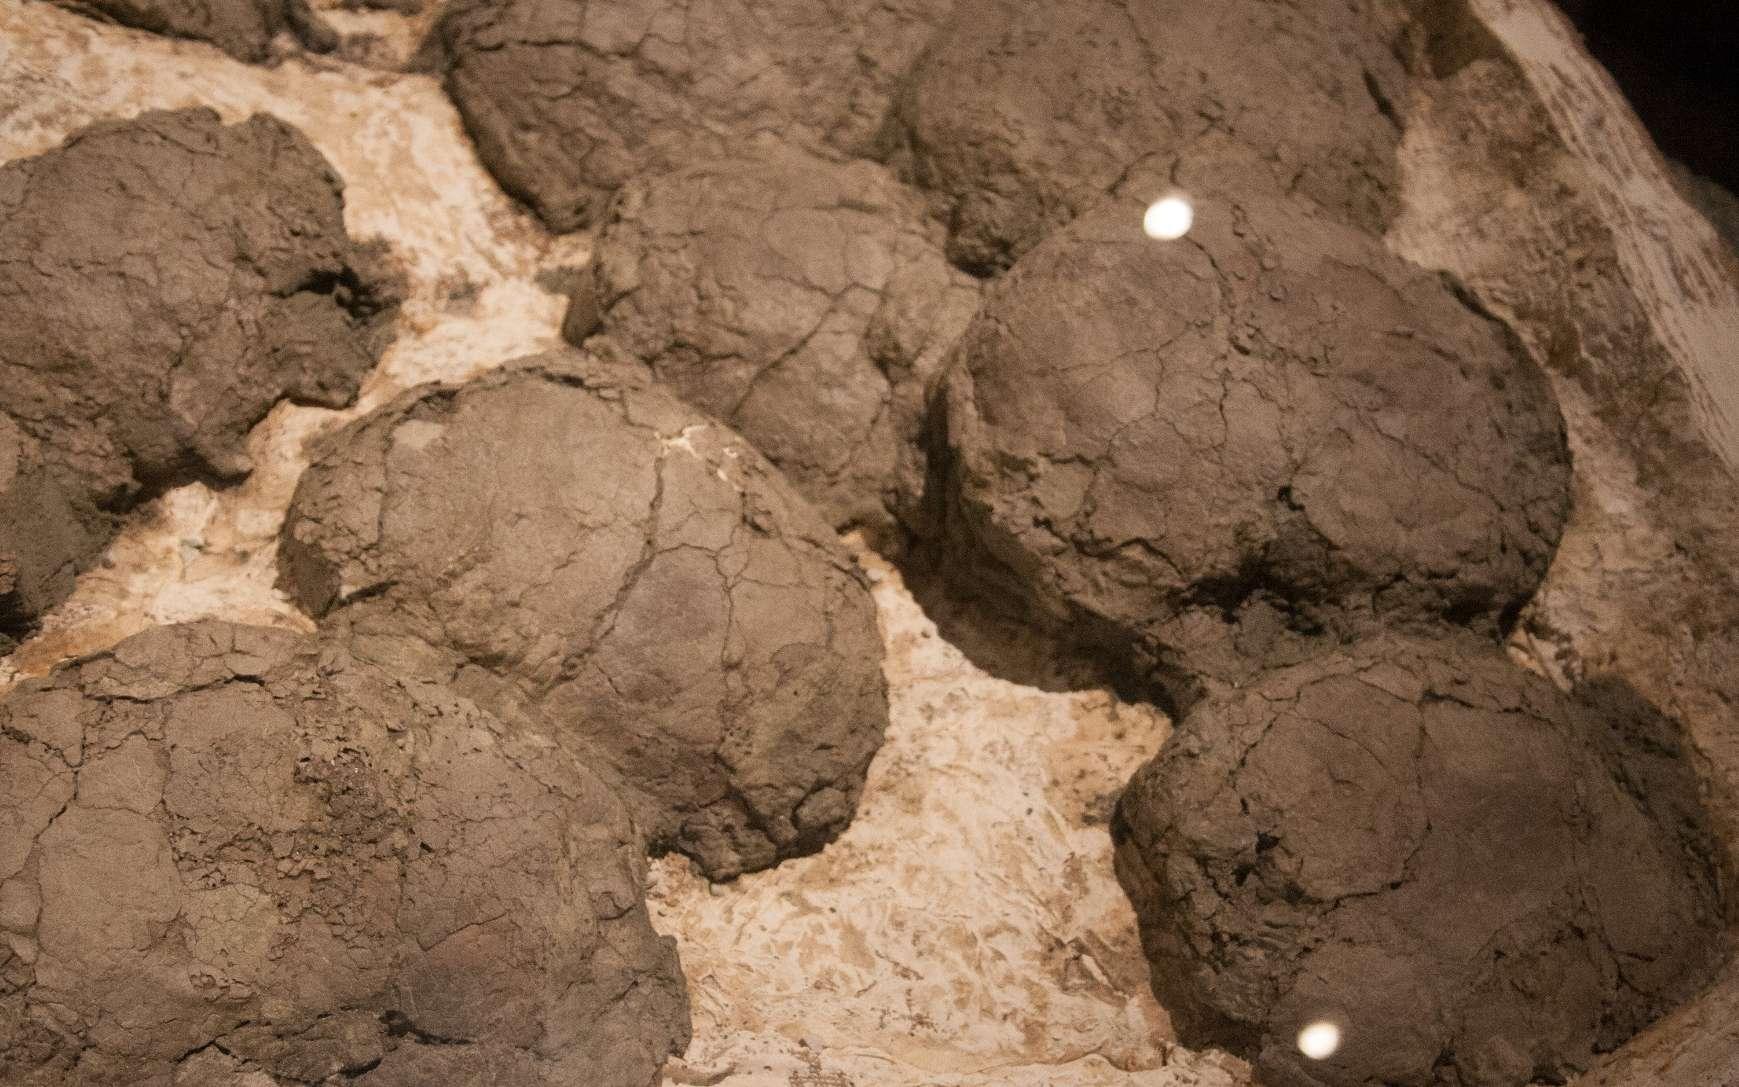 Des œufs fossilisés pondus dans un nid par des dinosaures du Crétacé de l'espèce Hypacrosaurus stebingeri. © Roland Tanglao, cc by sa 2.0 Wikipédia